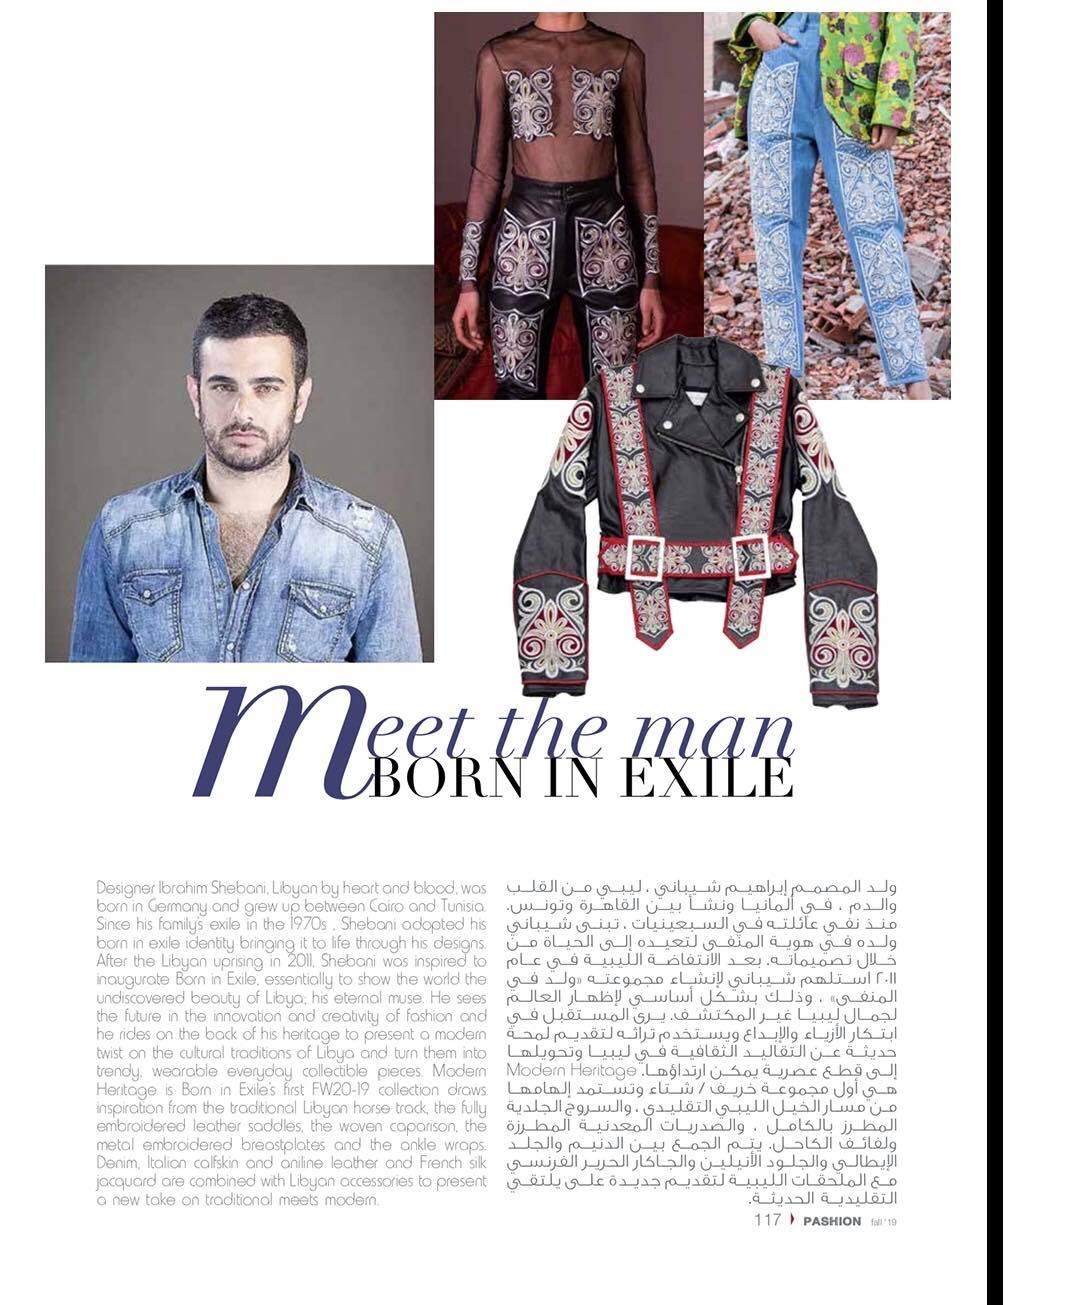 www.pashionmagazine.com